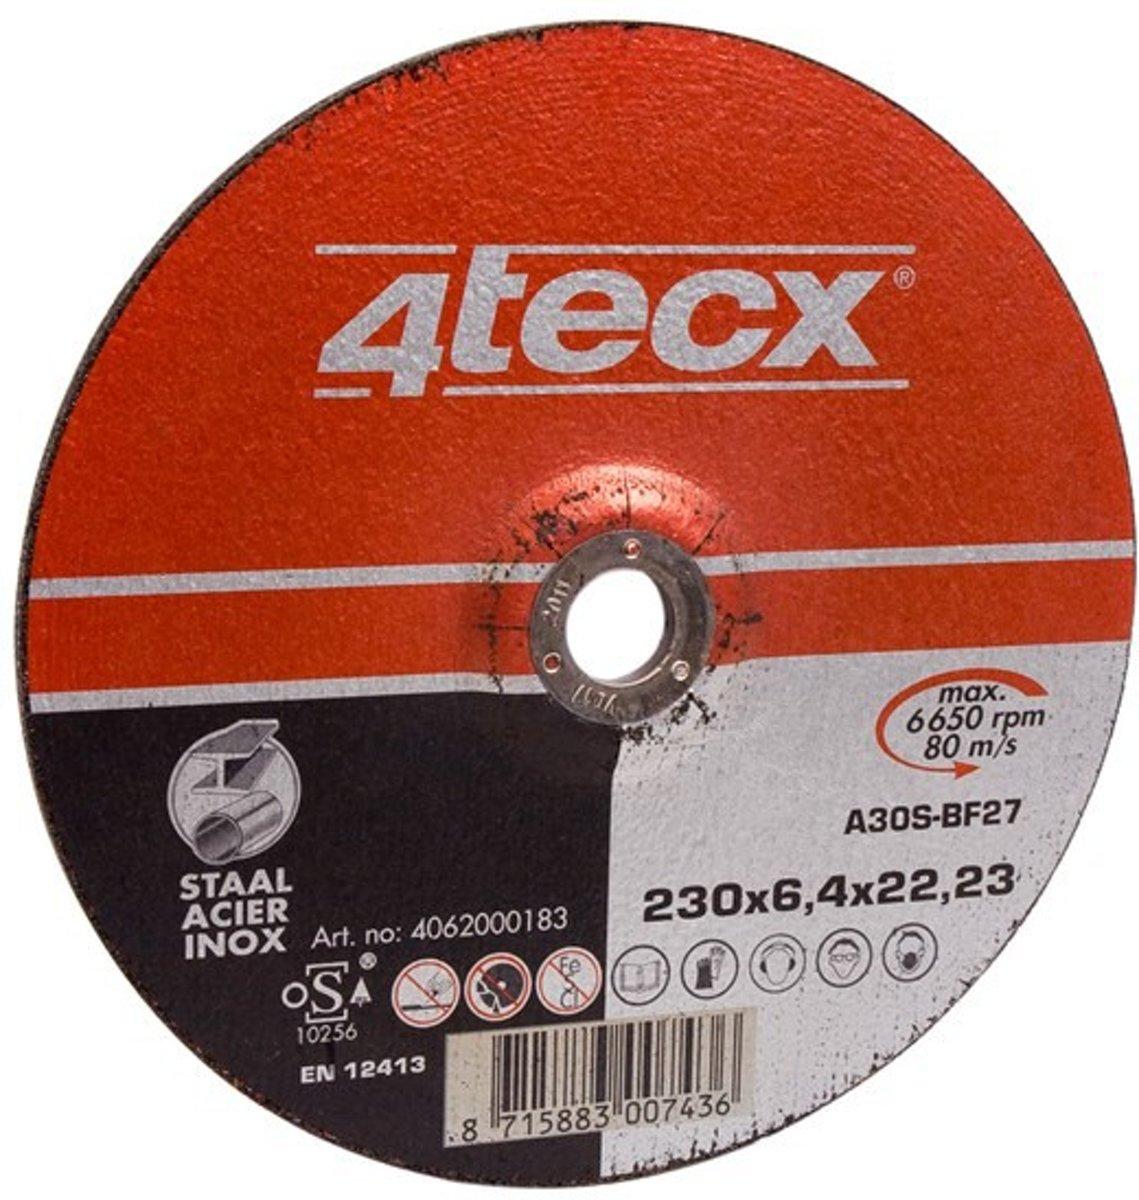 4Tecx Afbraamschijf 180x6,4 Vlak Staal kopen